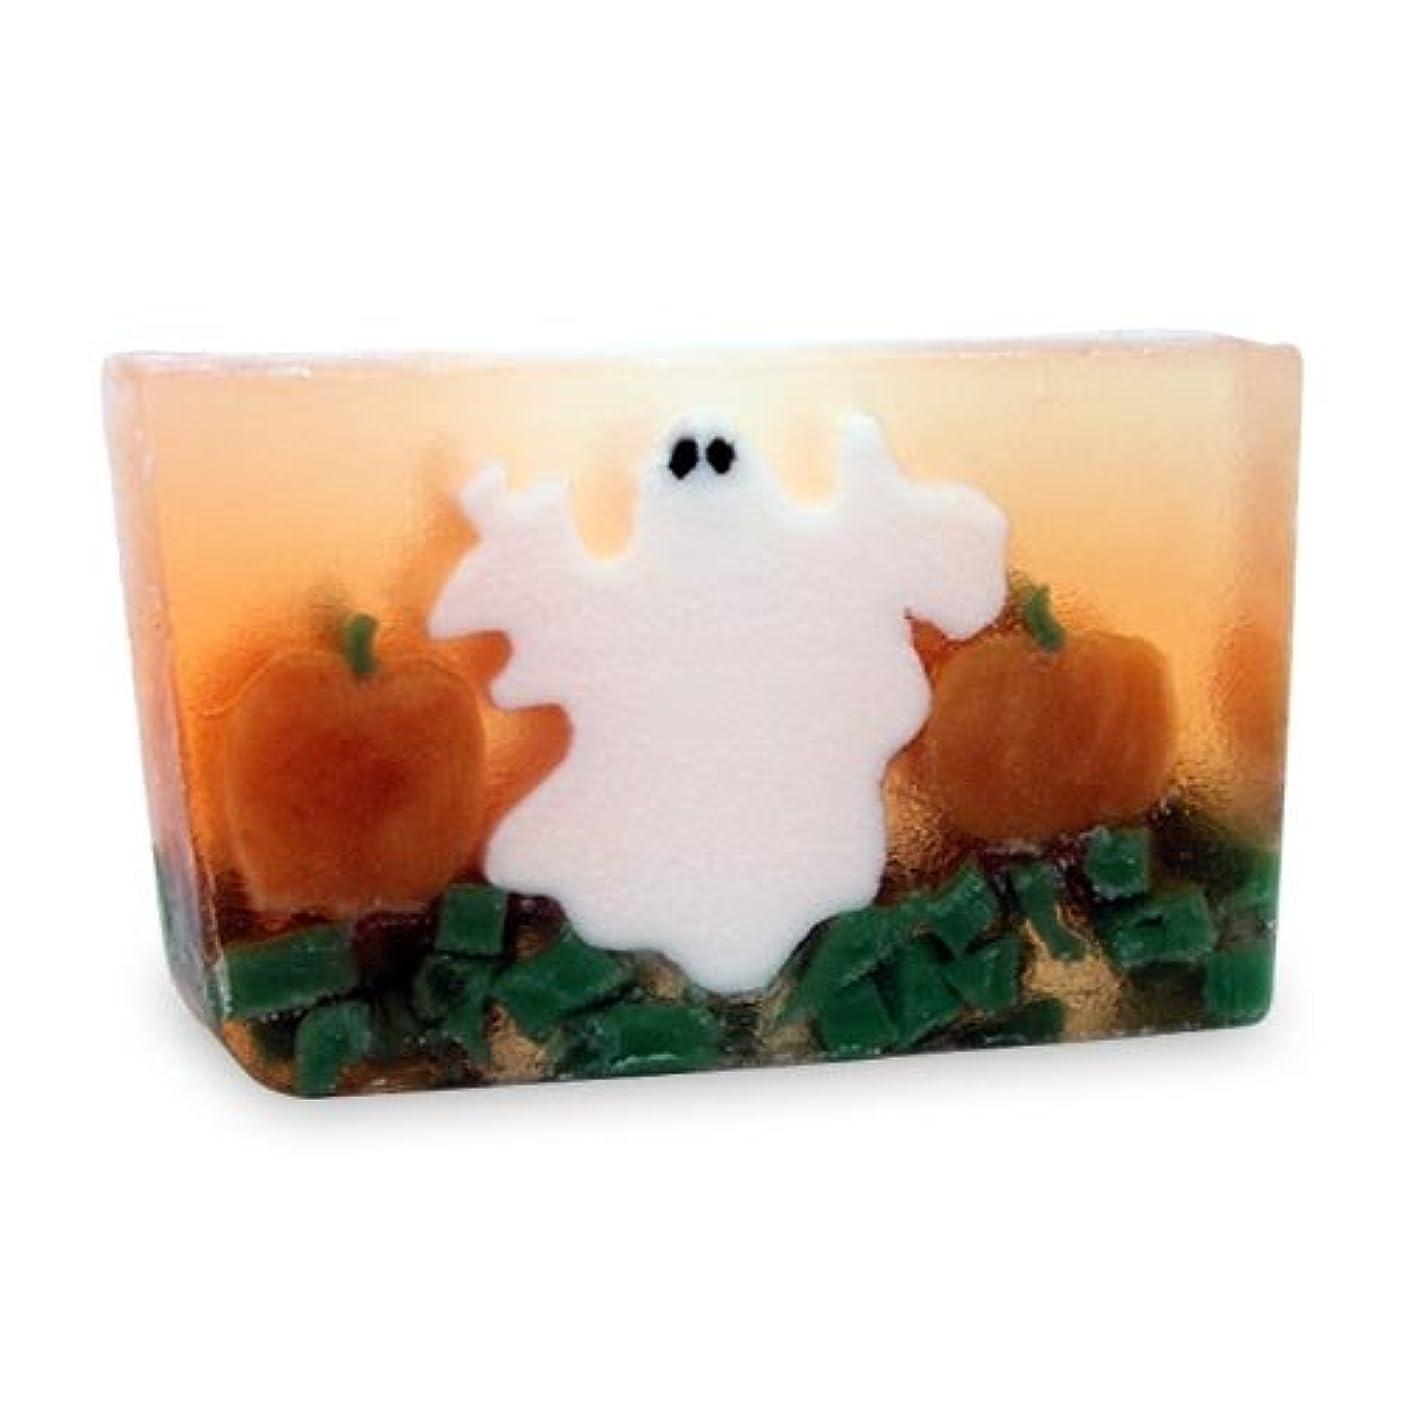 むき出しまっすぐにする固体プライモールエレメンツ アロマティック ソープ ゴースト 180g ハロウィンにおすすめ植物性のナチュラル石鹸